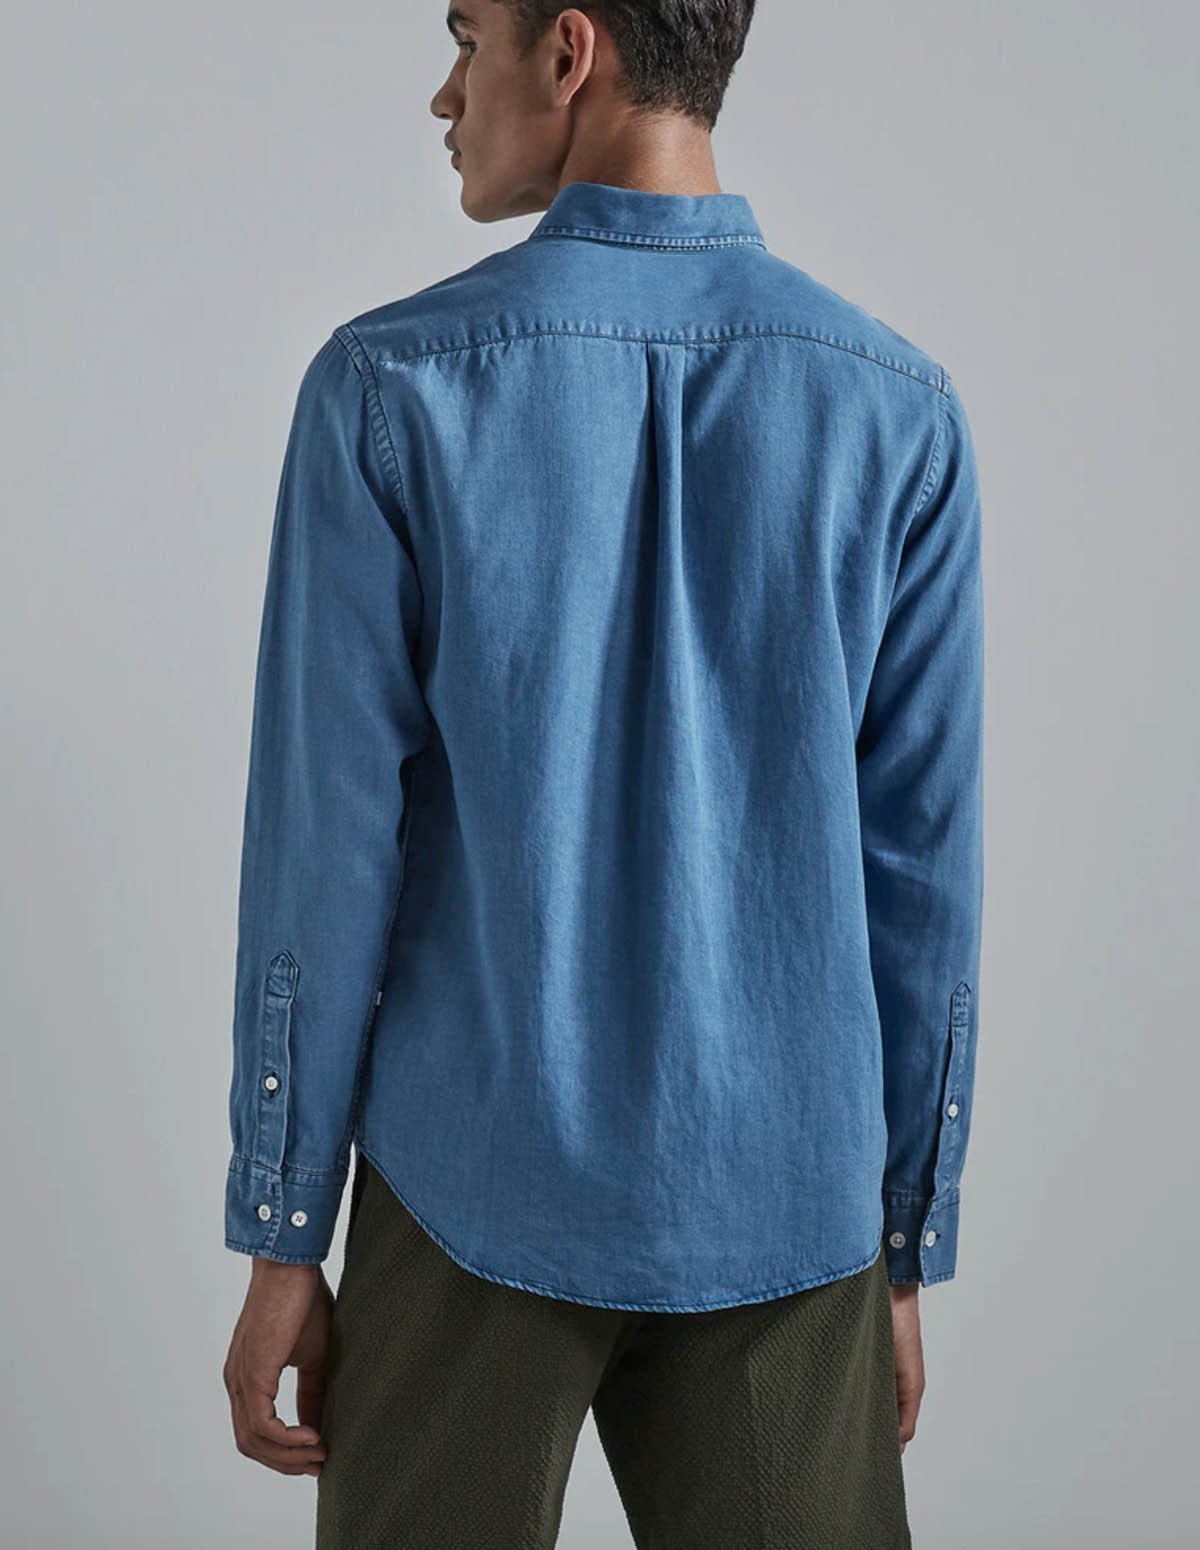 Nn07 Levon Shirt Tencel